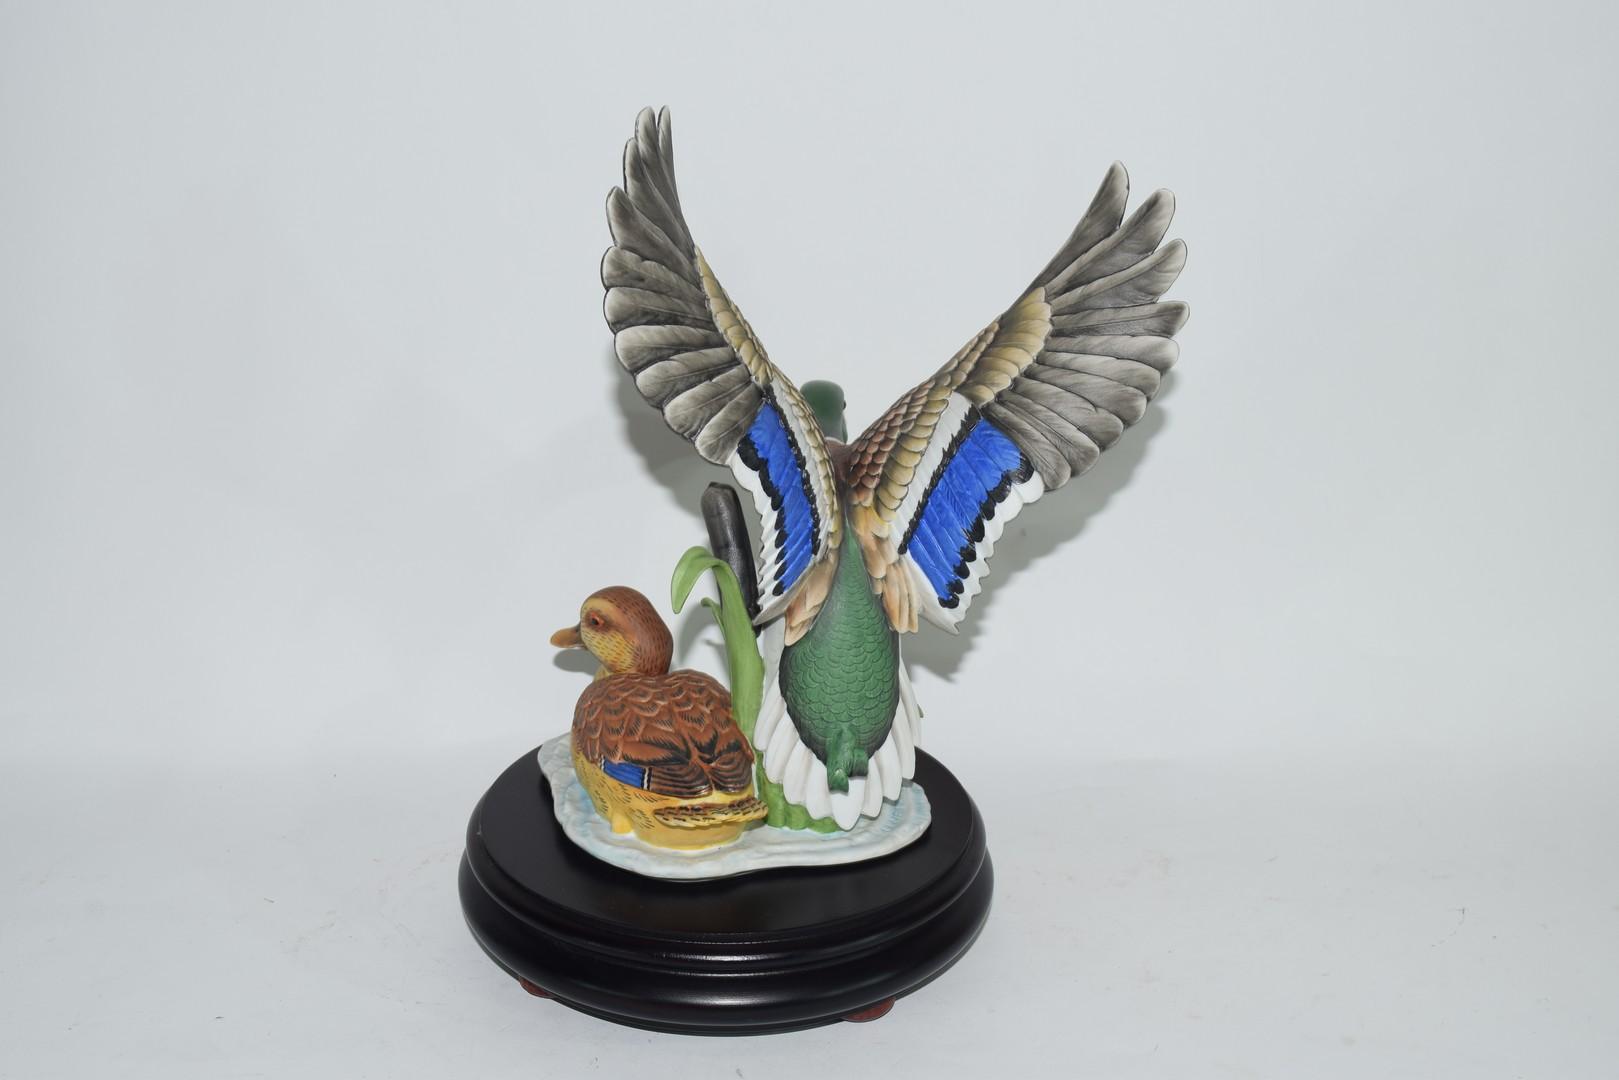 Kaiser model of ducks - Image 3 of 4